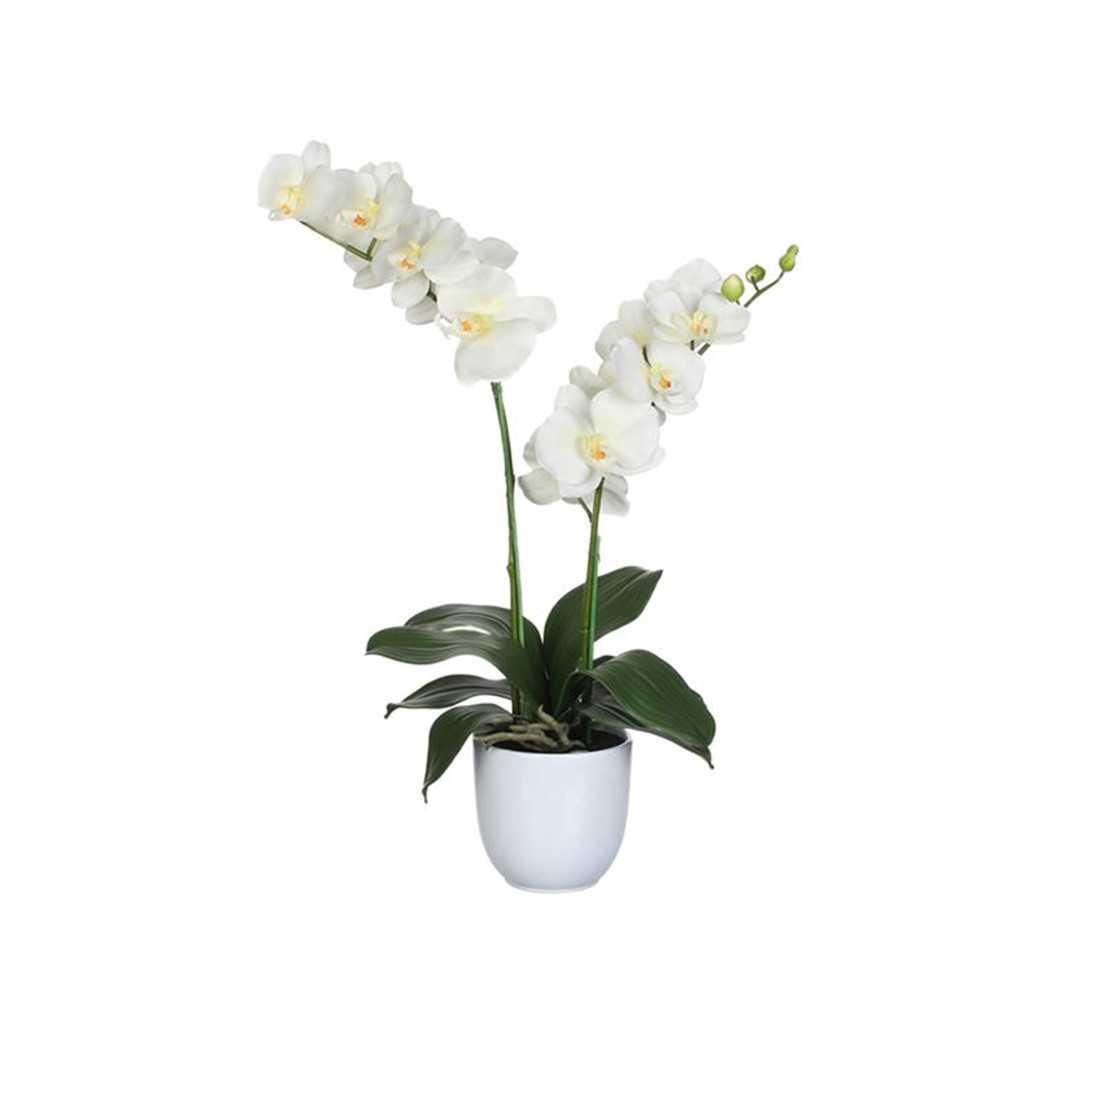 Orchidea Phalaenopsis Artificiale h c.a. 50cm shop online